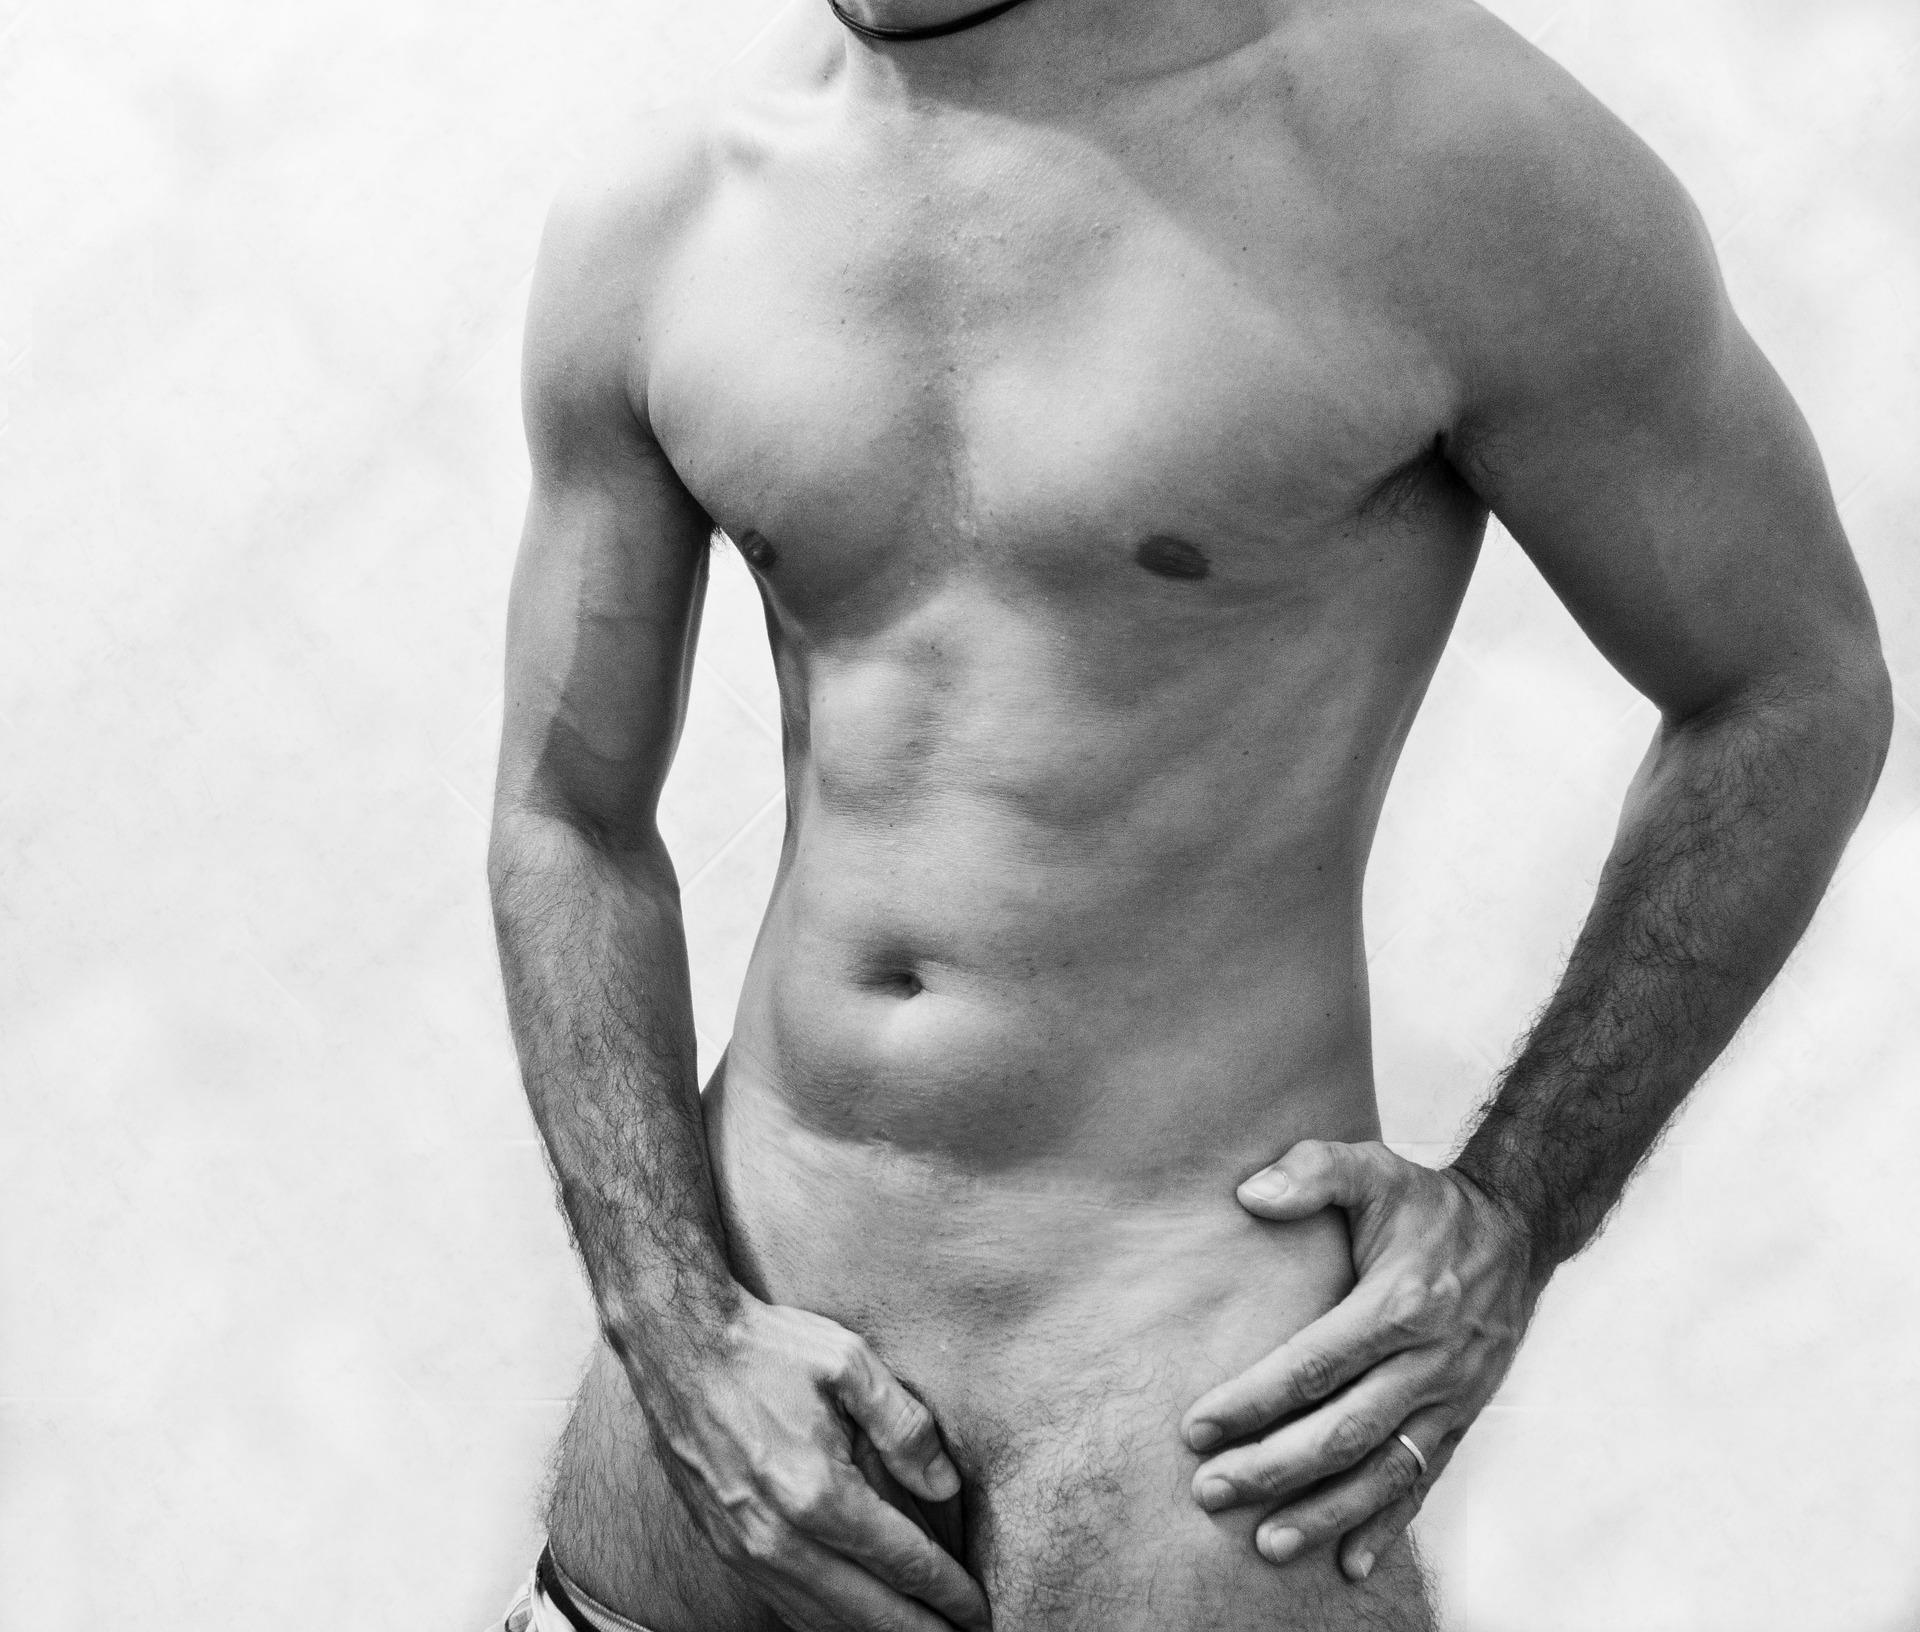 Ein muskulöser, nackter Mann, dessen Gesicht nicht zu sehen ist und der seinen Genitalbereich mit der Hand verdeckt.